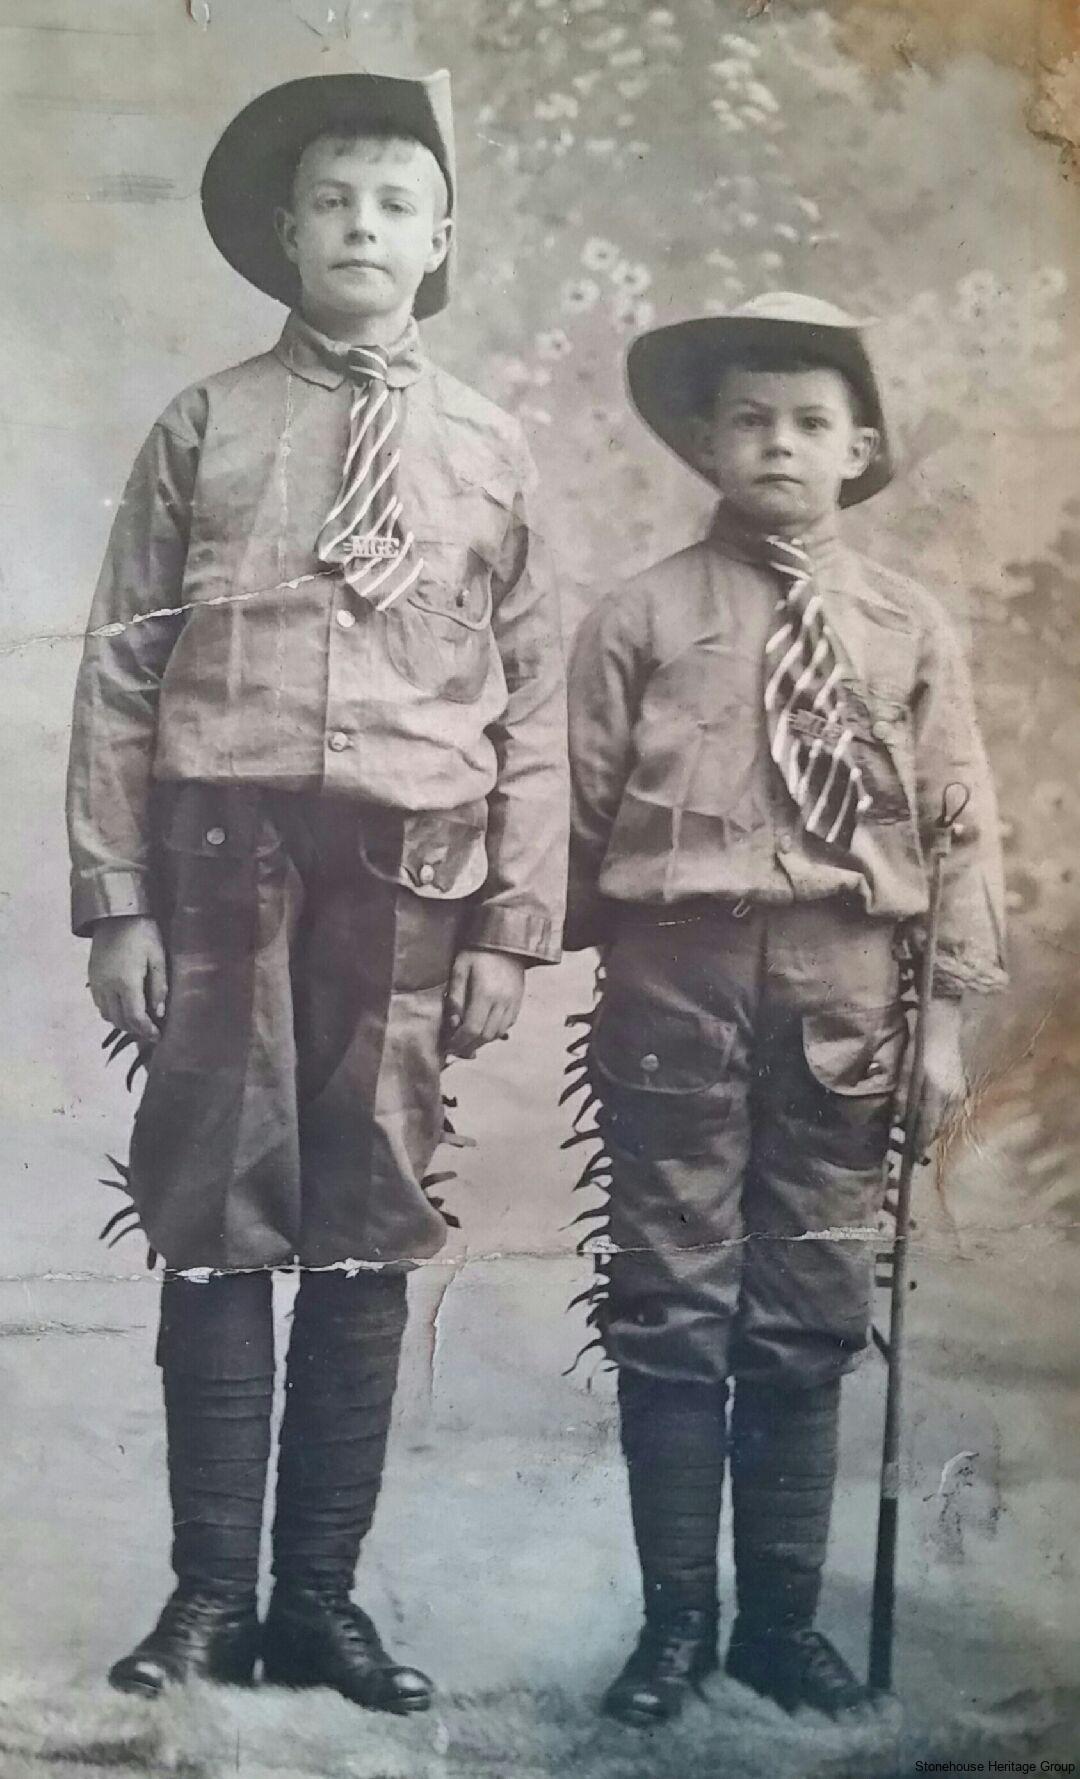 Scouts-1915-James-douglas-Hamilton-and-Charlie-Stevenson